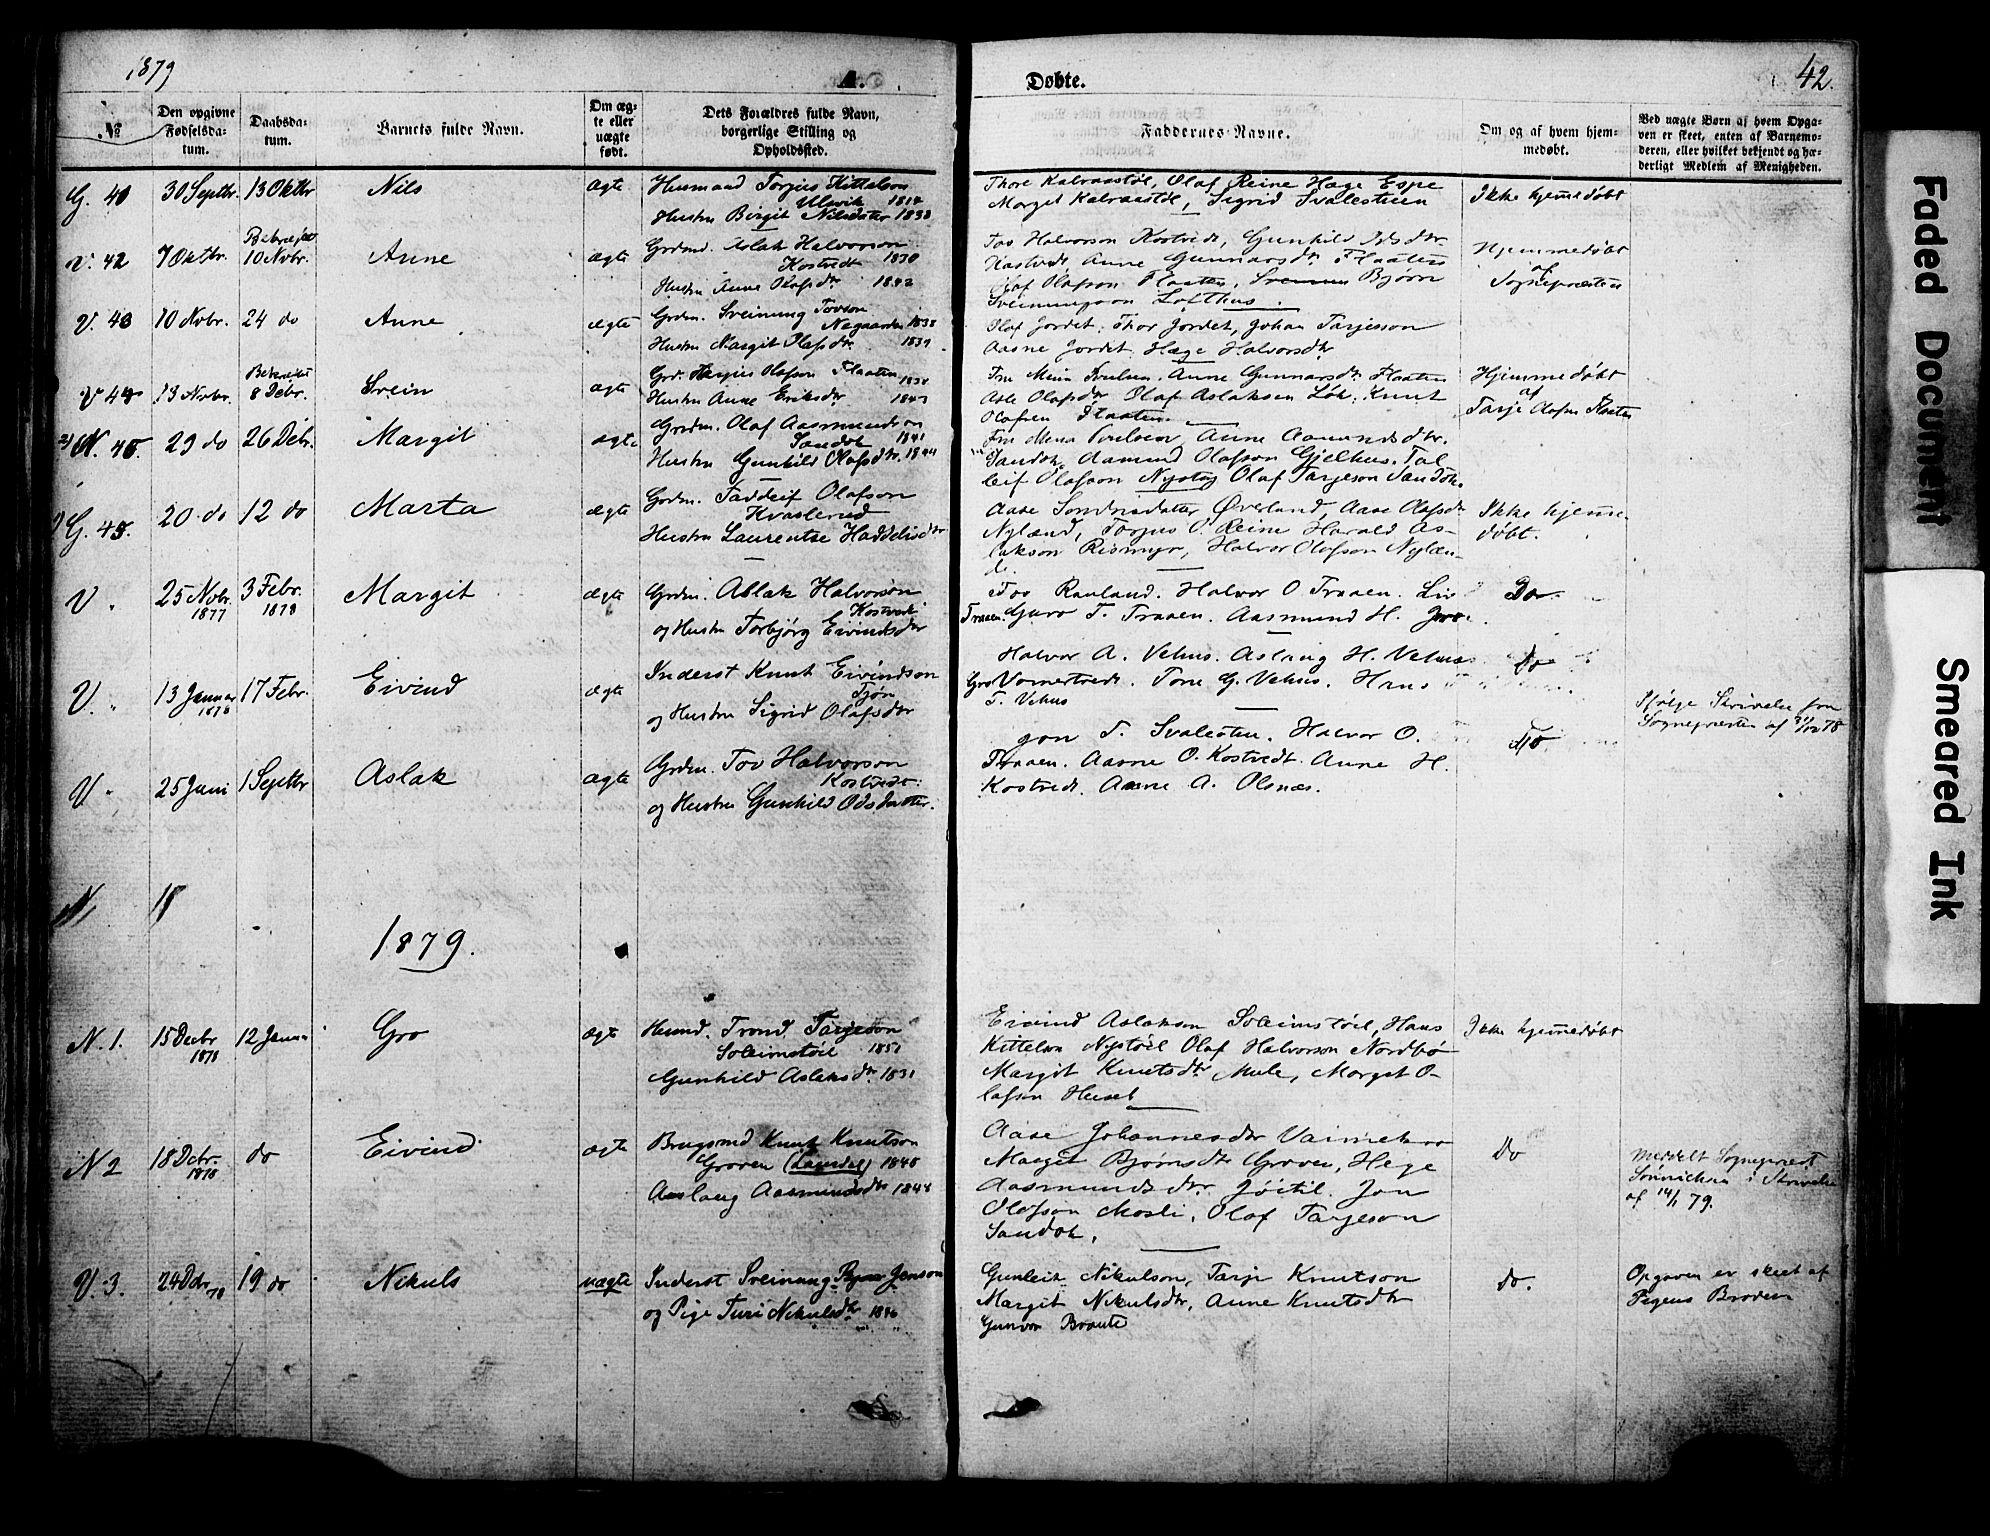 SAKO, Vinje kirkebøker, F/Fa/L0005: Ministerialbok nr. I 5, 1870-1886, s. 42